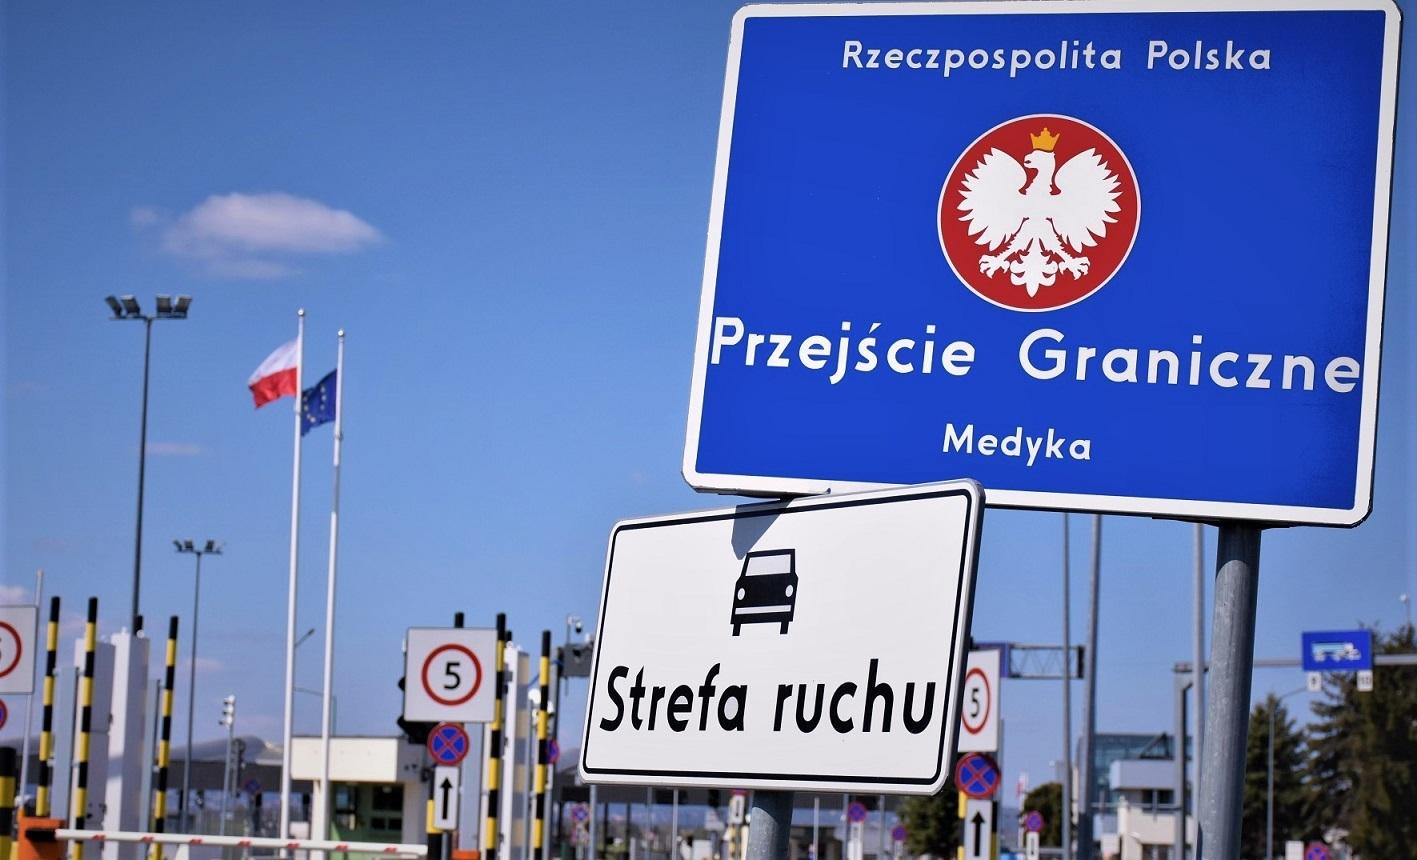 Wznowiono odprawy dla pieszych na przejściu granicznym w Medyce  - Zdjęcie główne